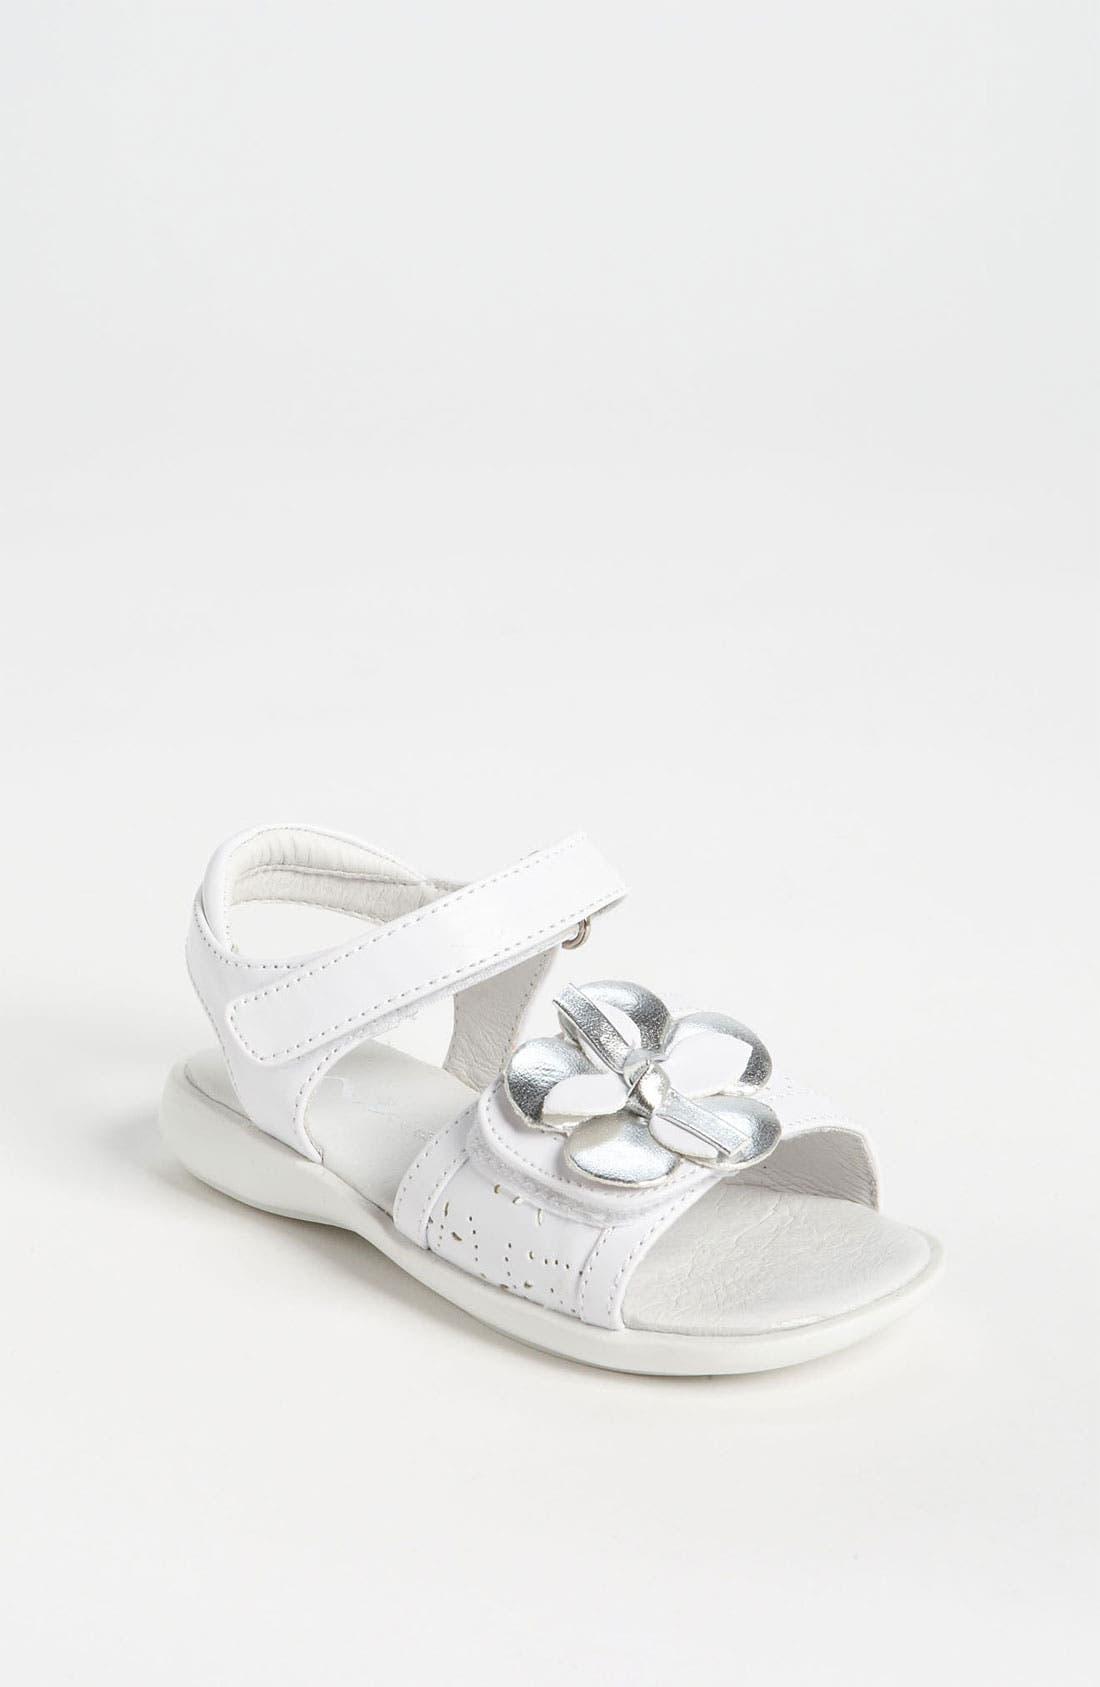 Alternate Image 1 Selected - Nina 'Constance' Flower Sandal (Walker & Toddler)